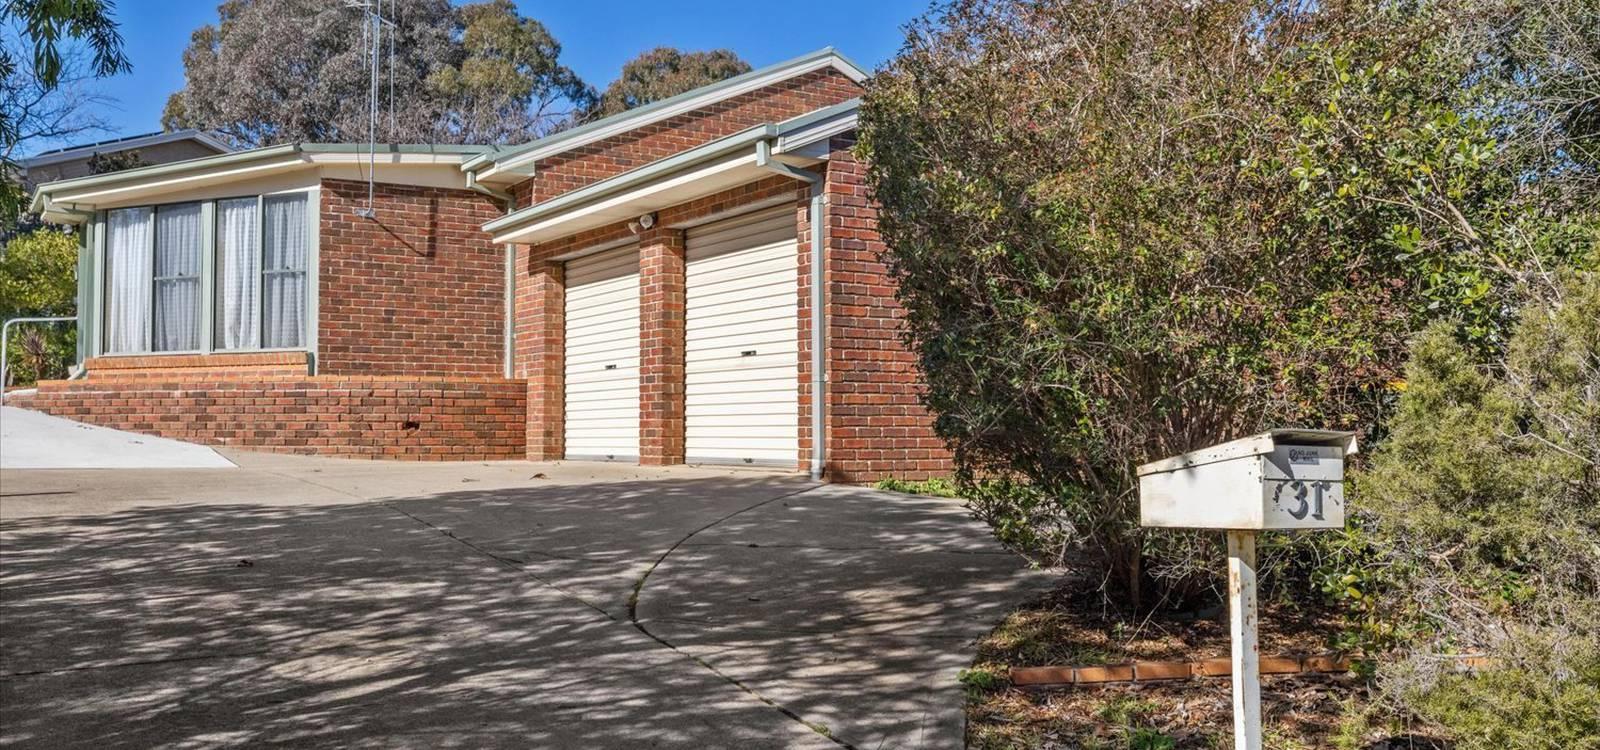 31 Esmond Avenue JERRABOMBERRA, NSW 2619 - photo 1